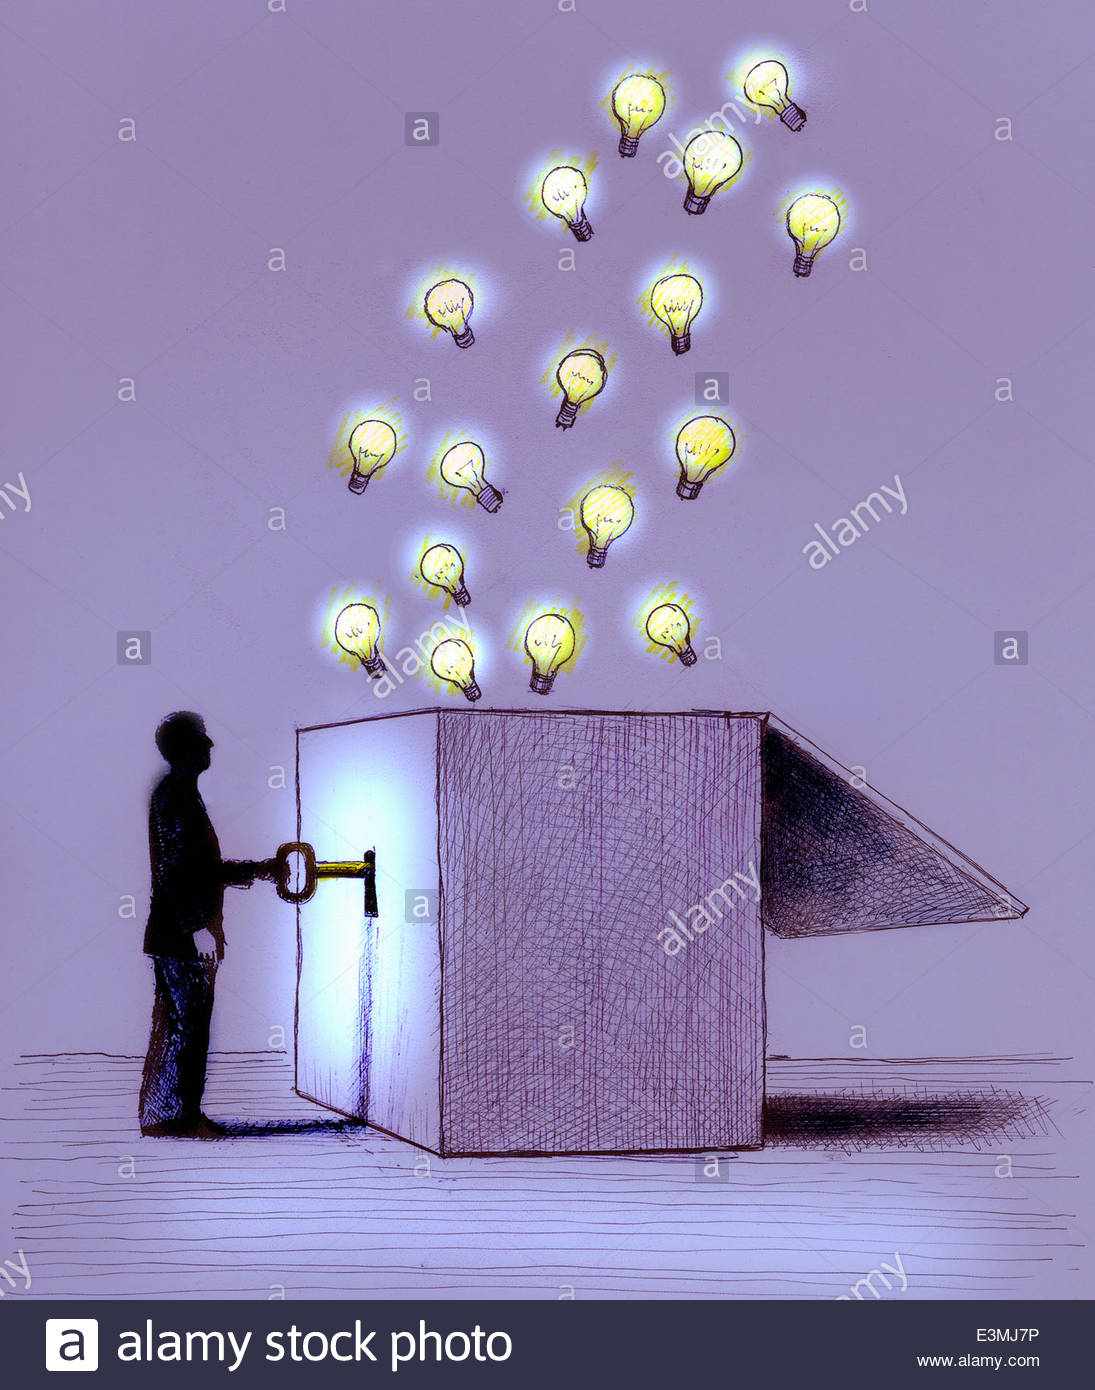 El hombre iluminado bombillas de desbloqueo de la caja Imagen De Stock